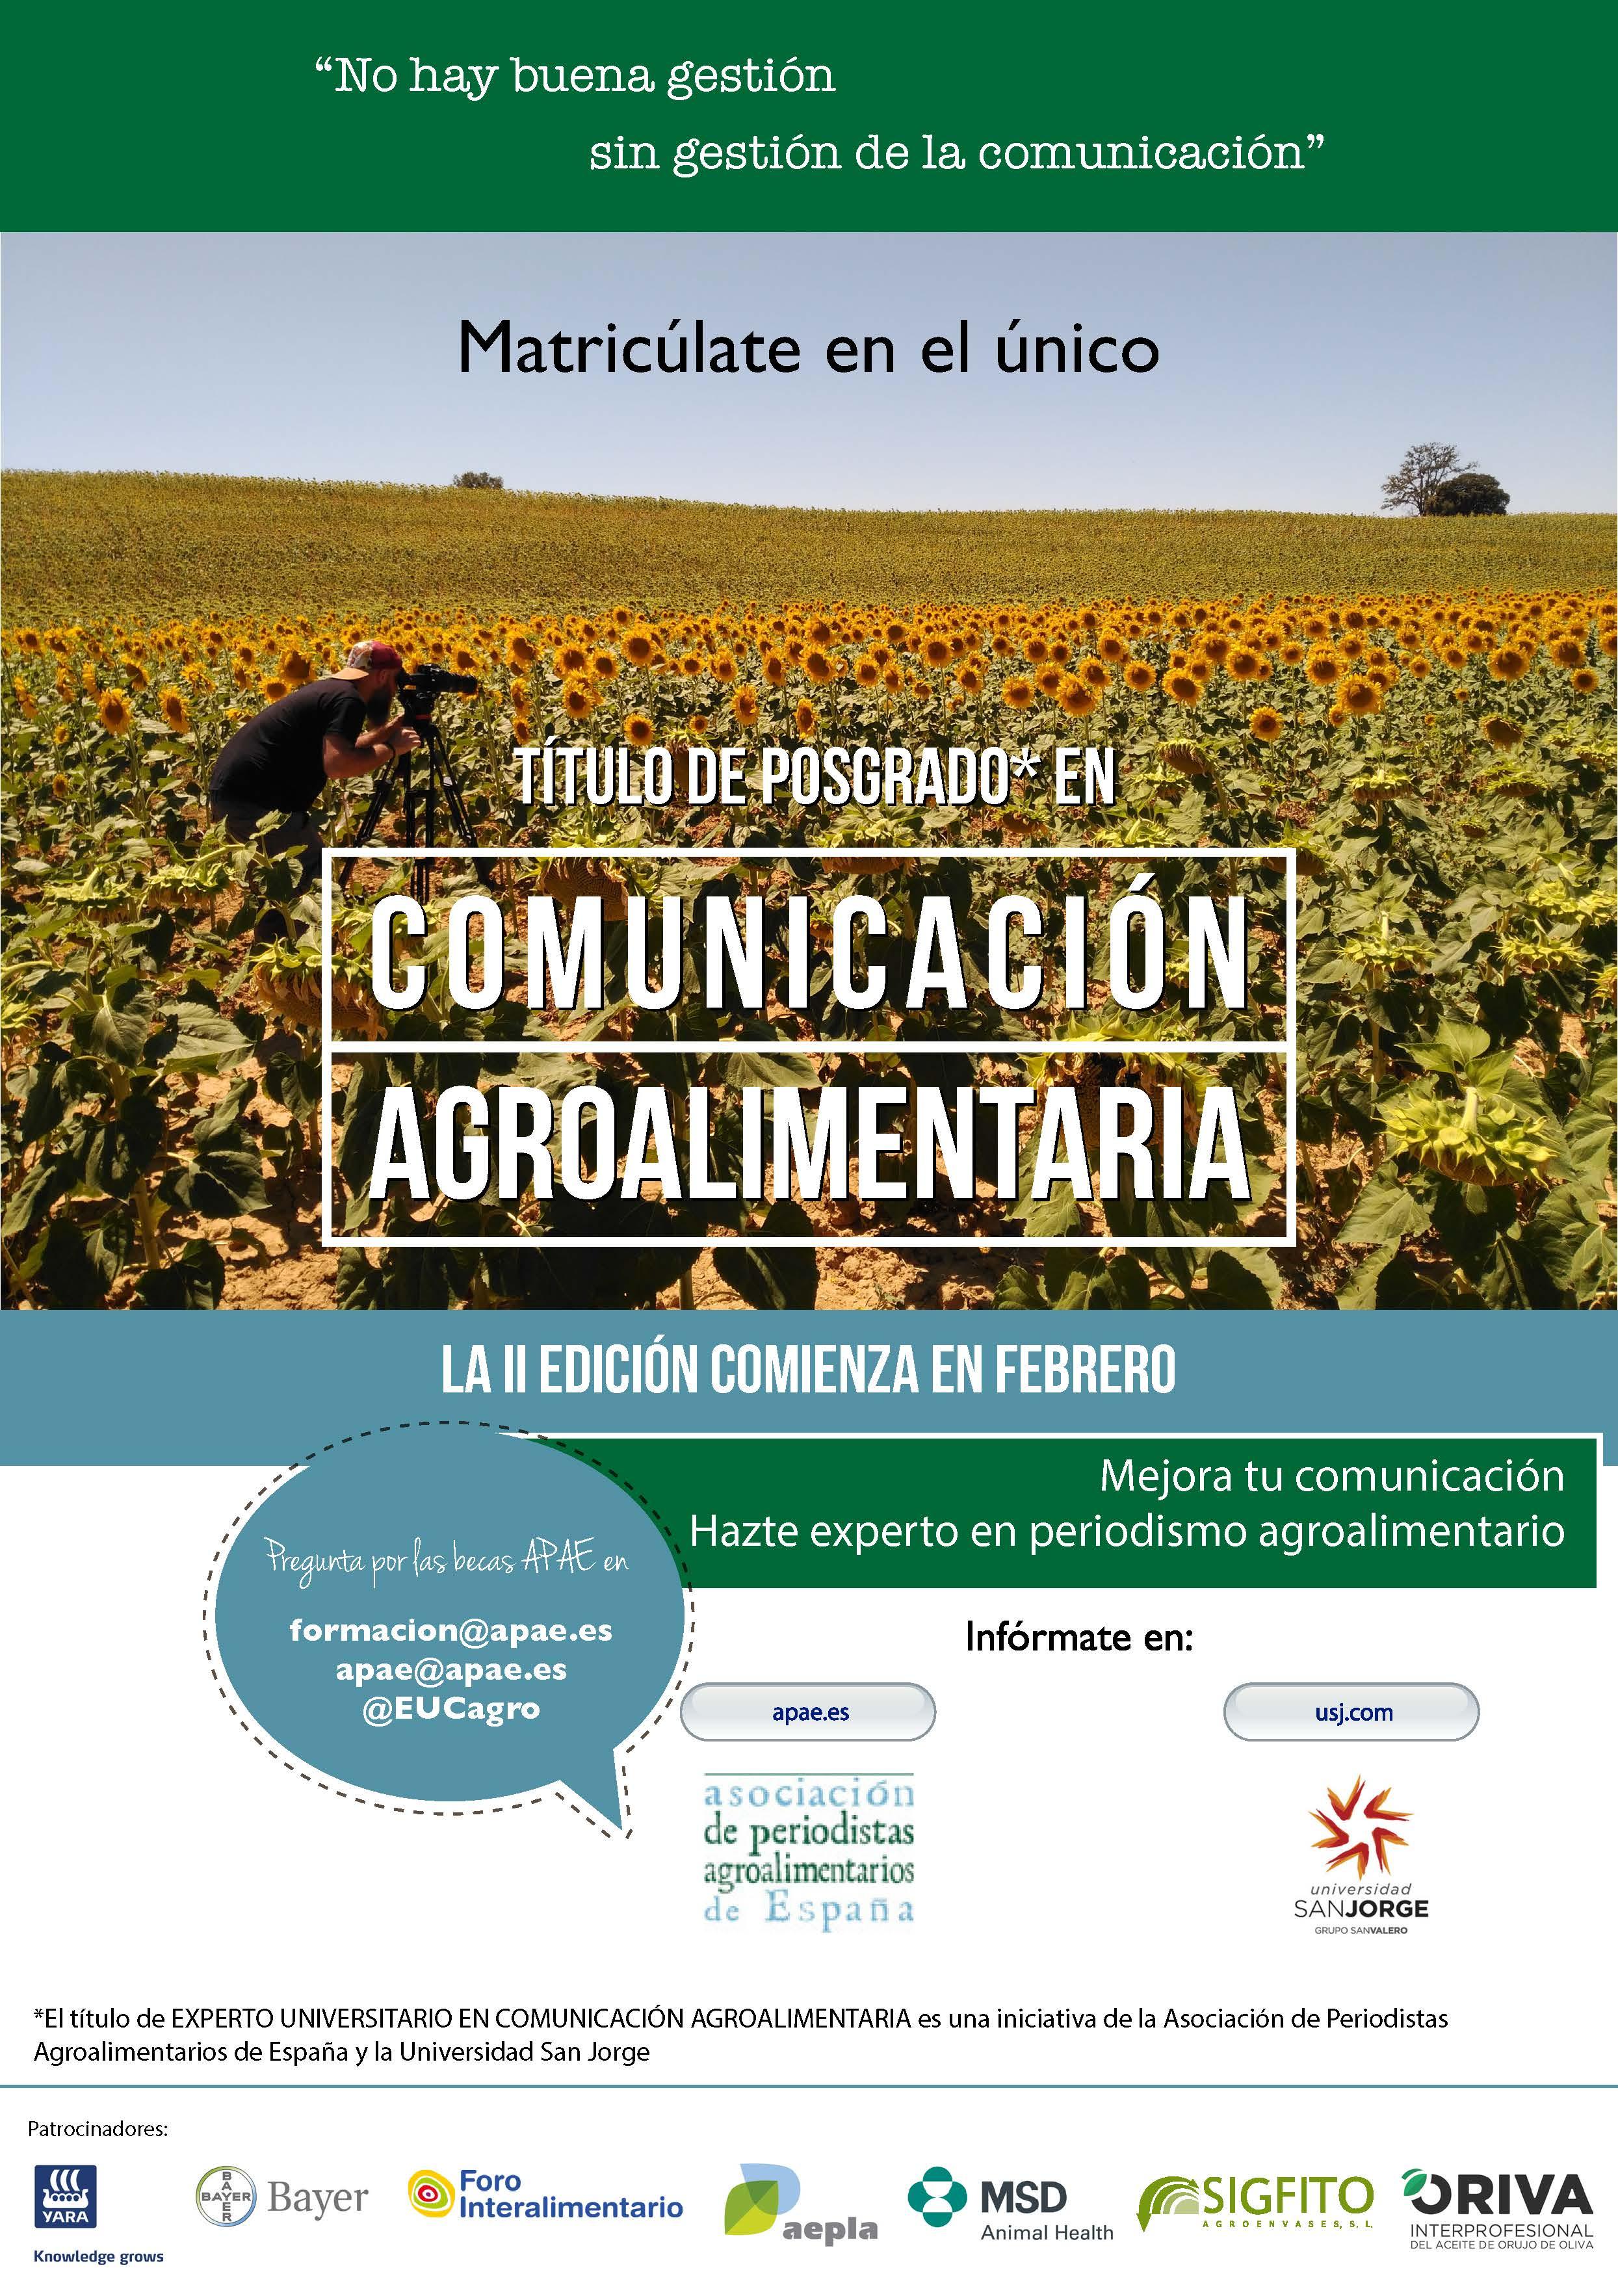 ORIVA completa los apoyos al Curso de Experto Universitario en Comunicación Agroalimentaria